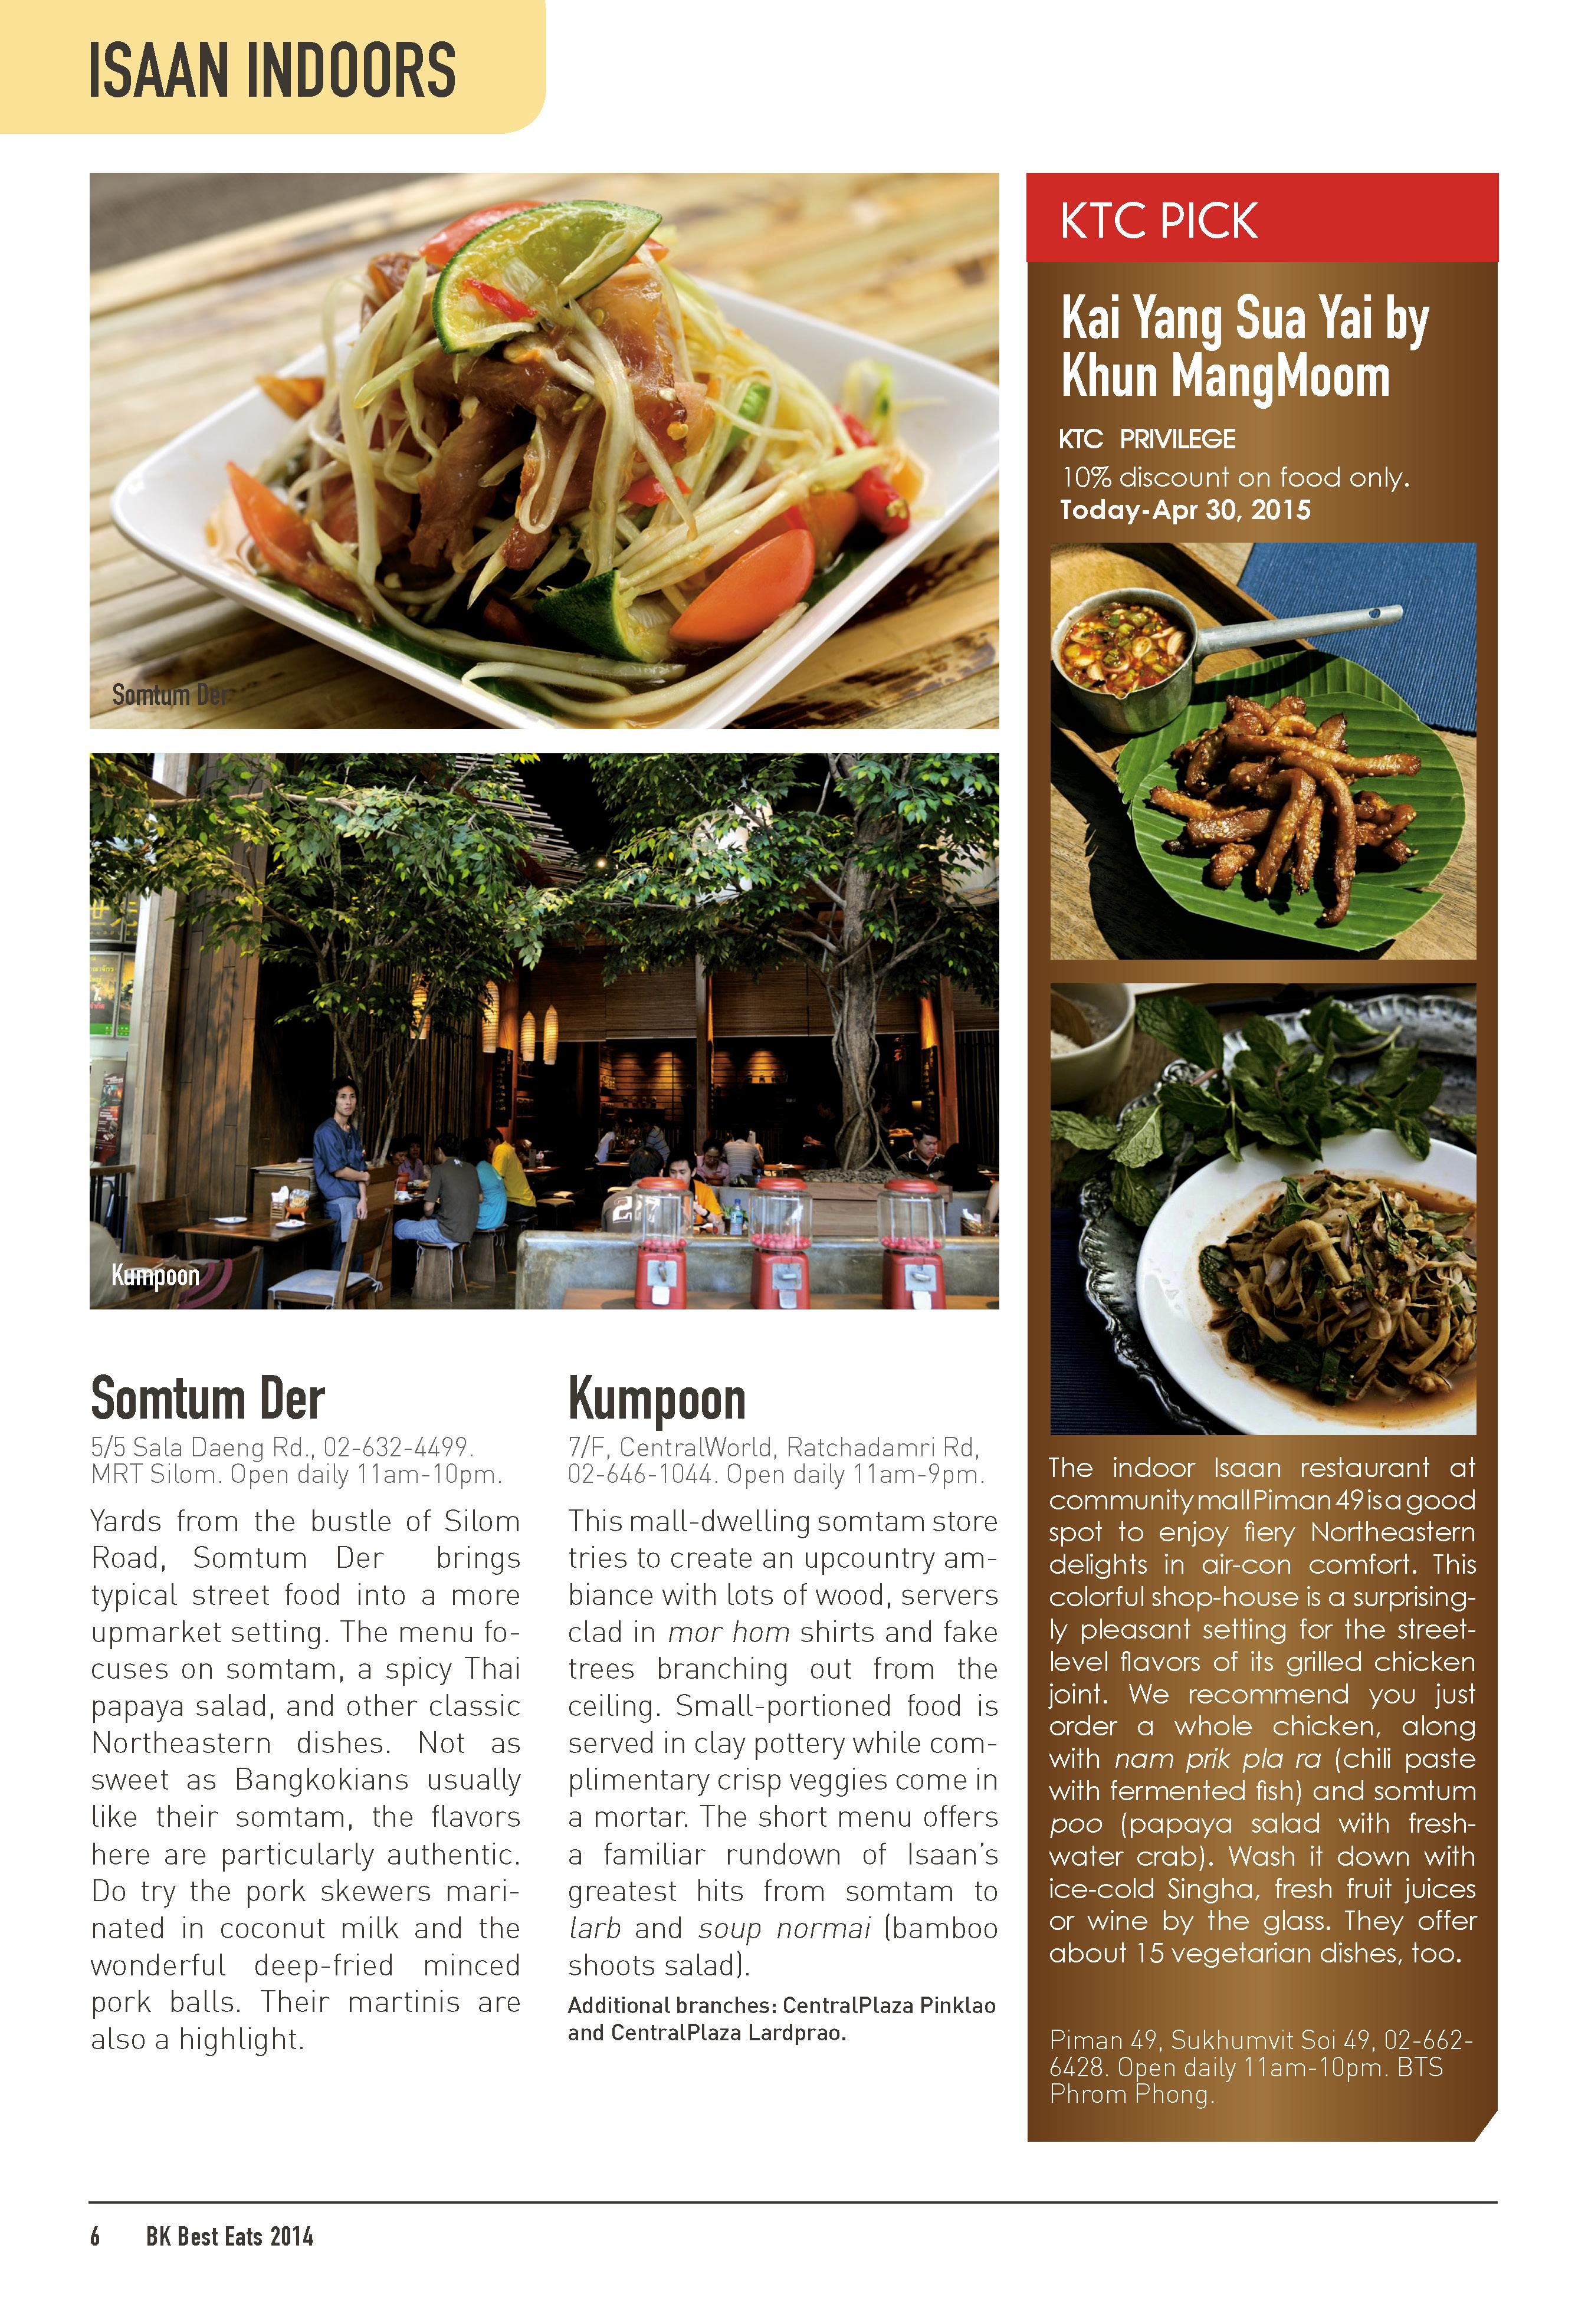 HQ_BEST EATS 2014_Page_06.jpg